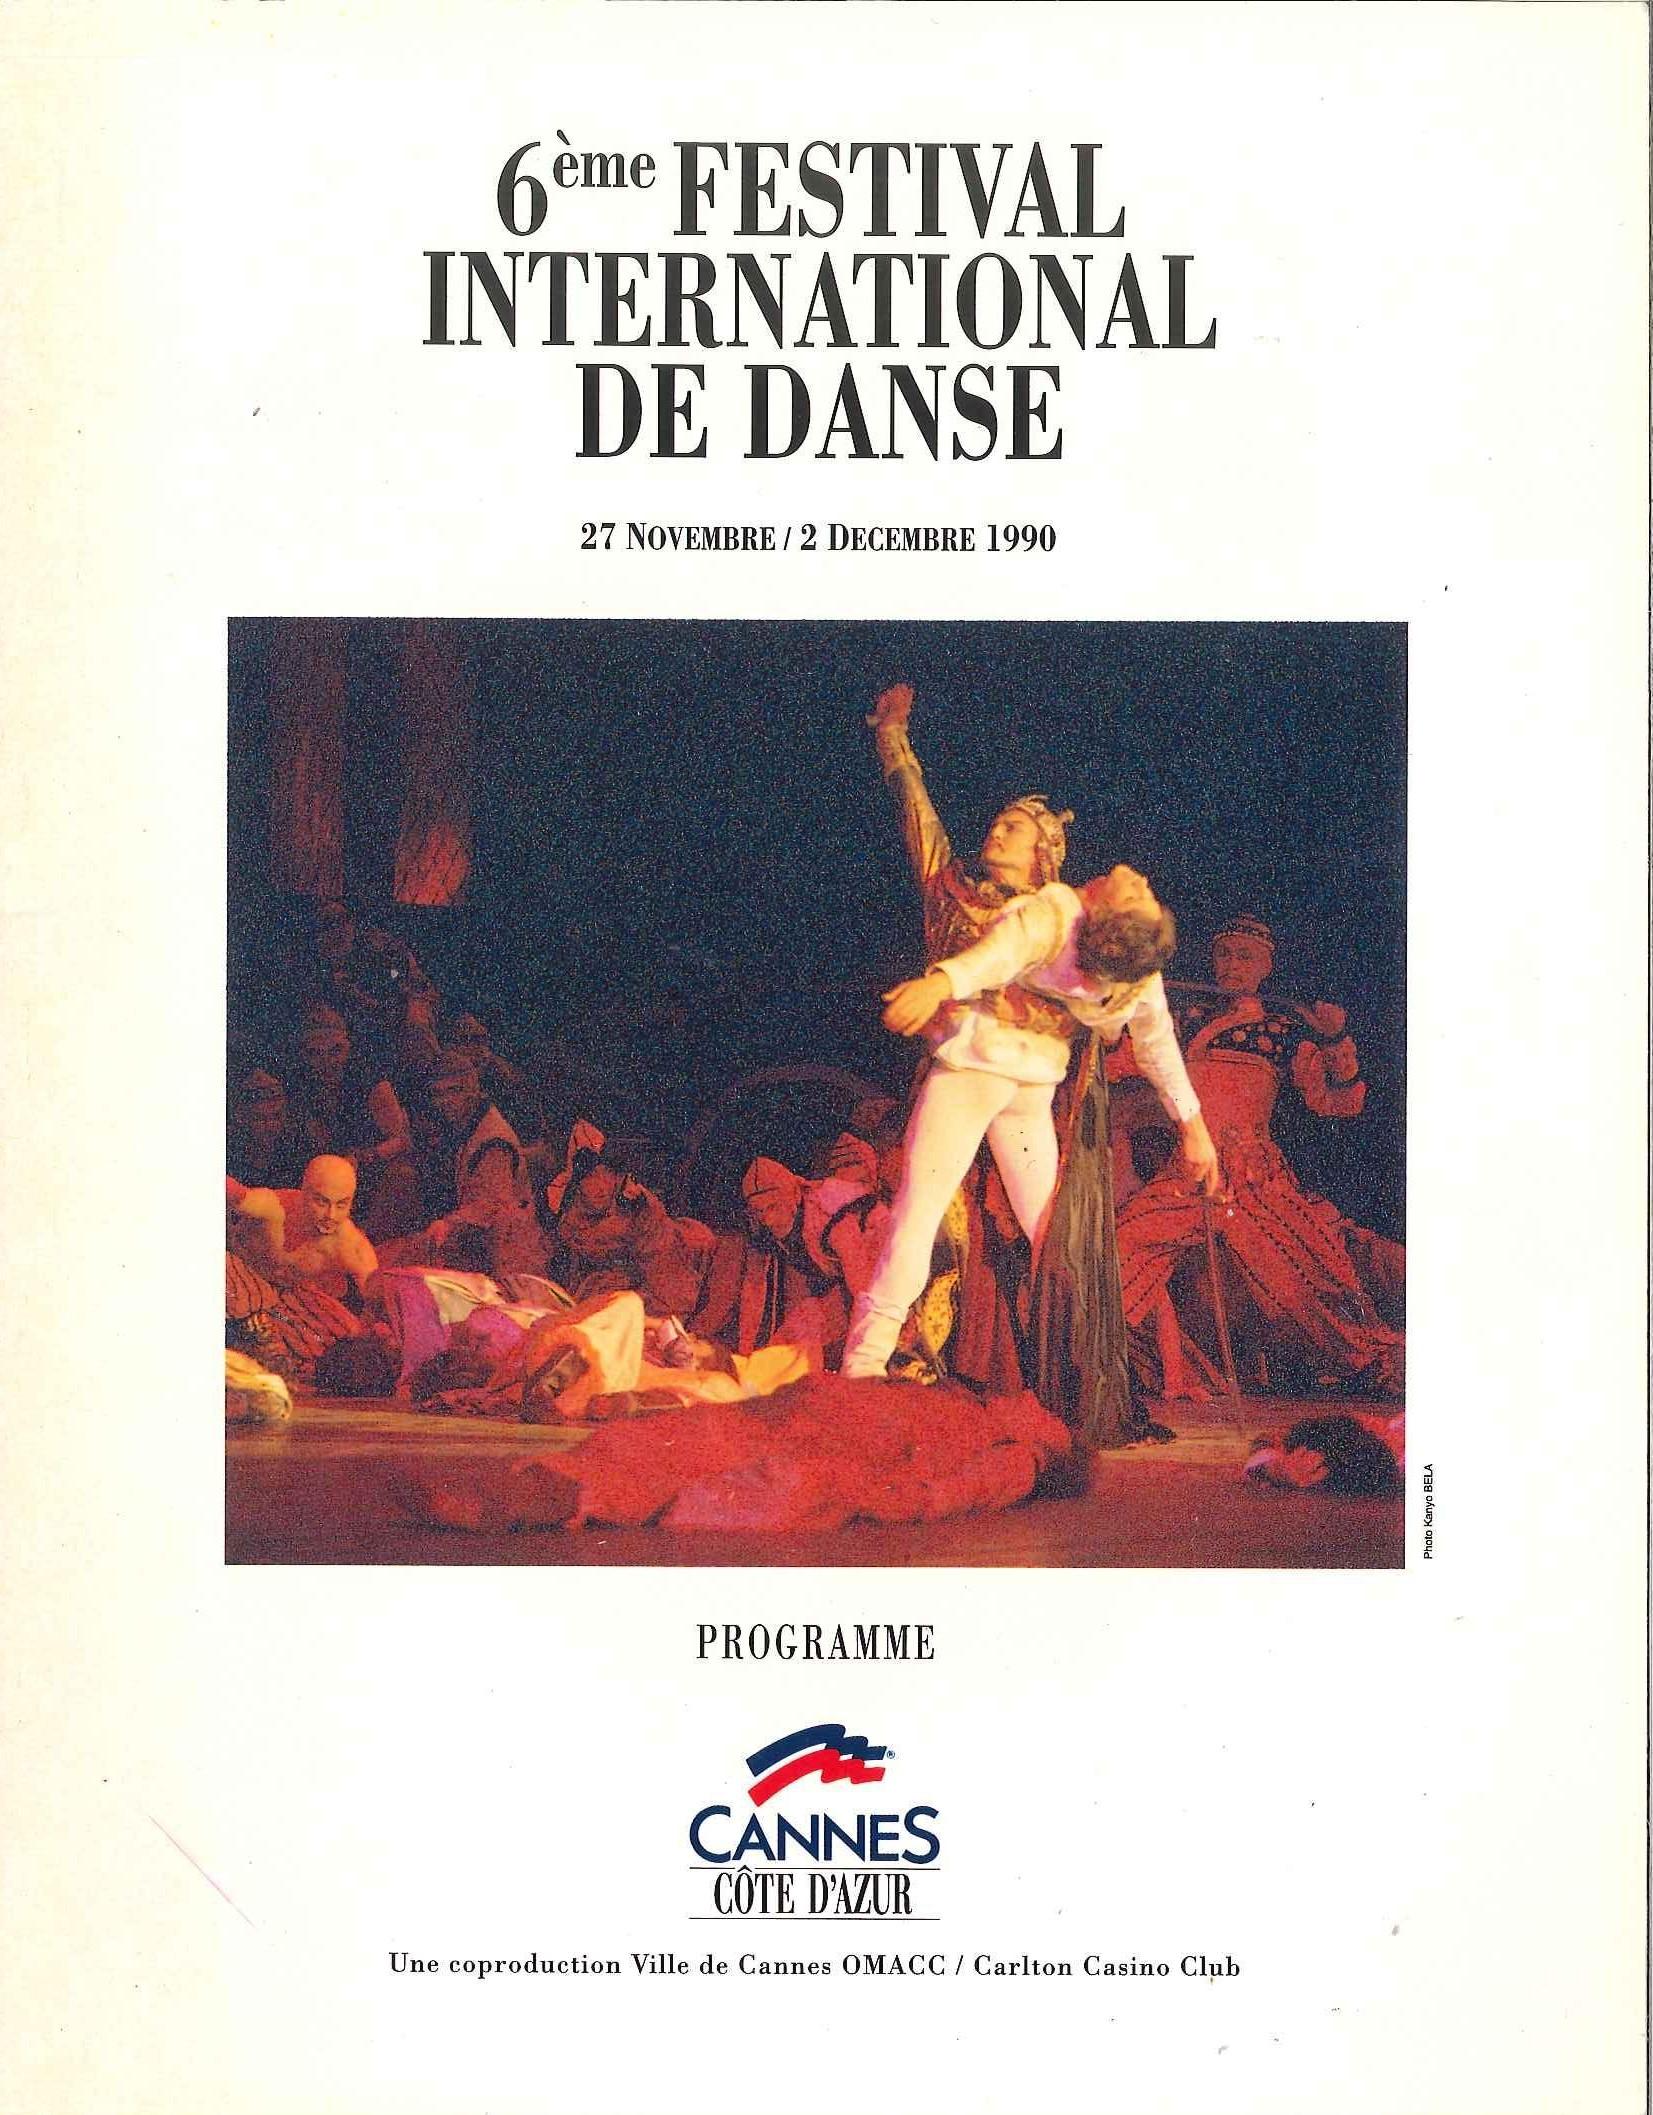 Festival de Danse Cannes 1990